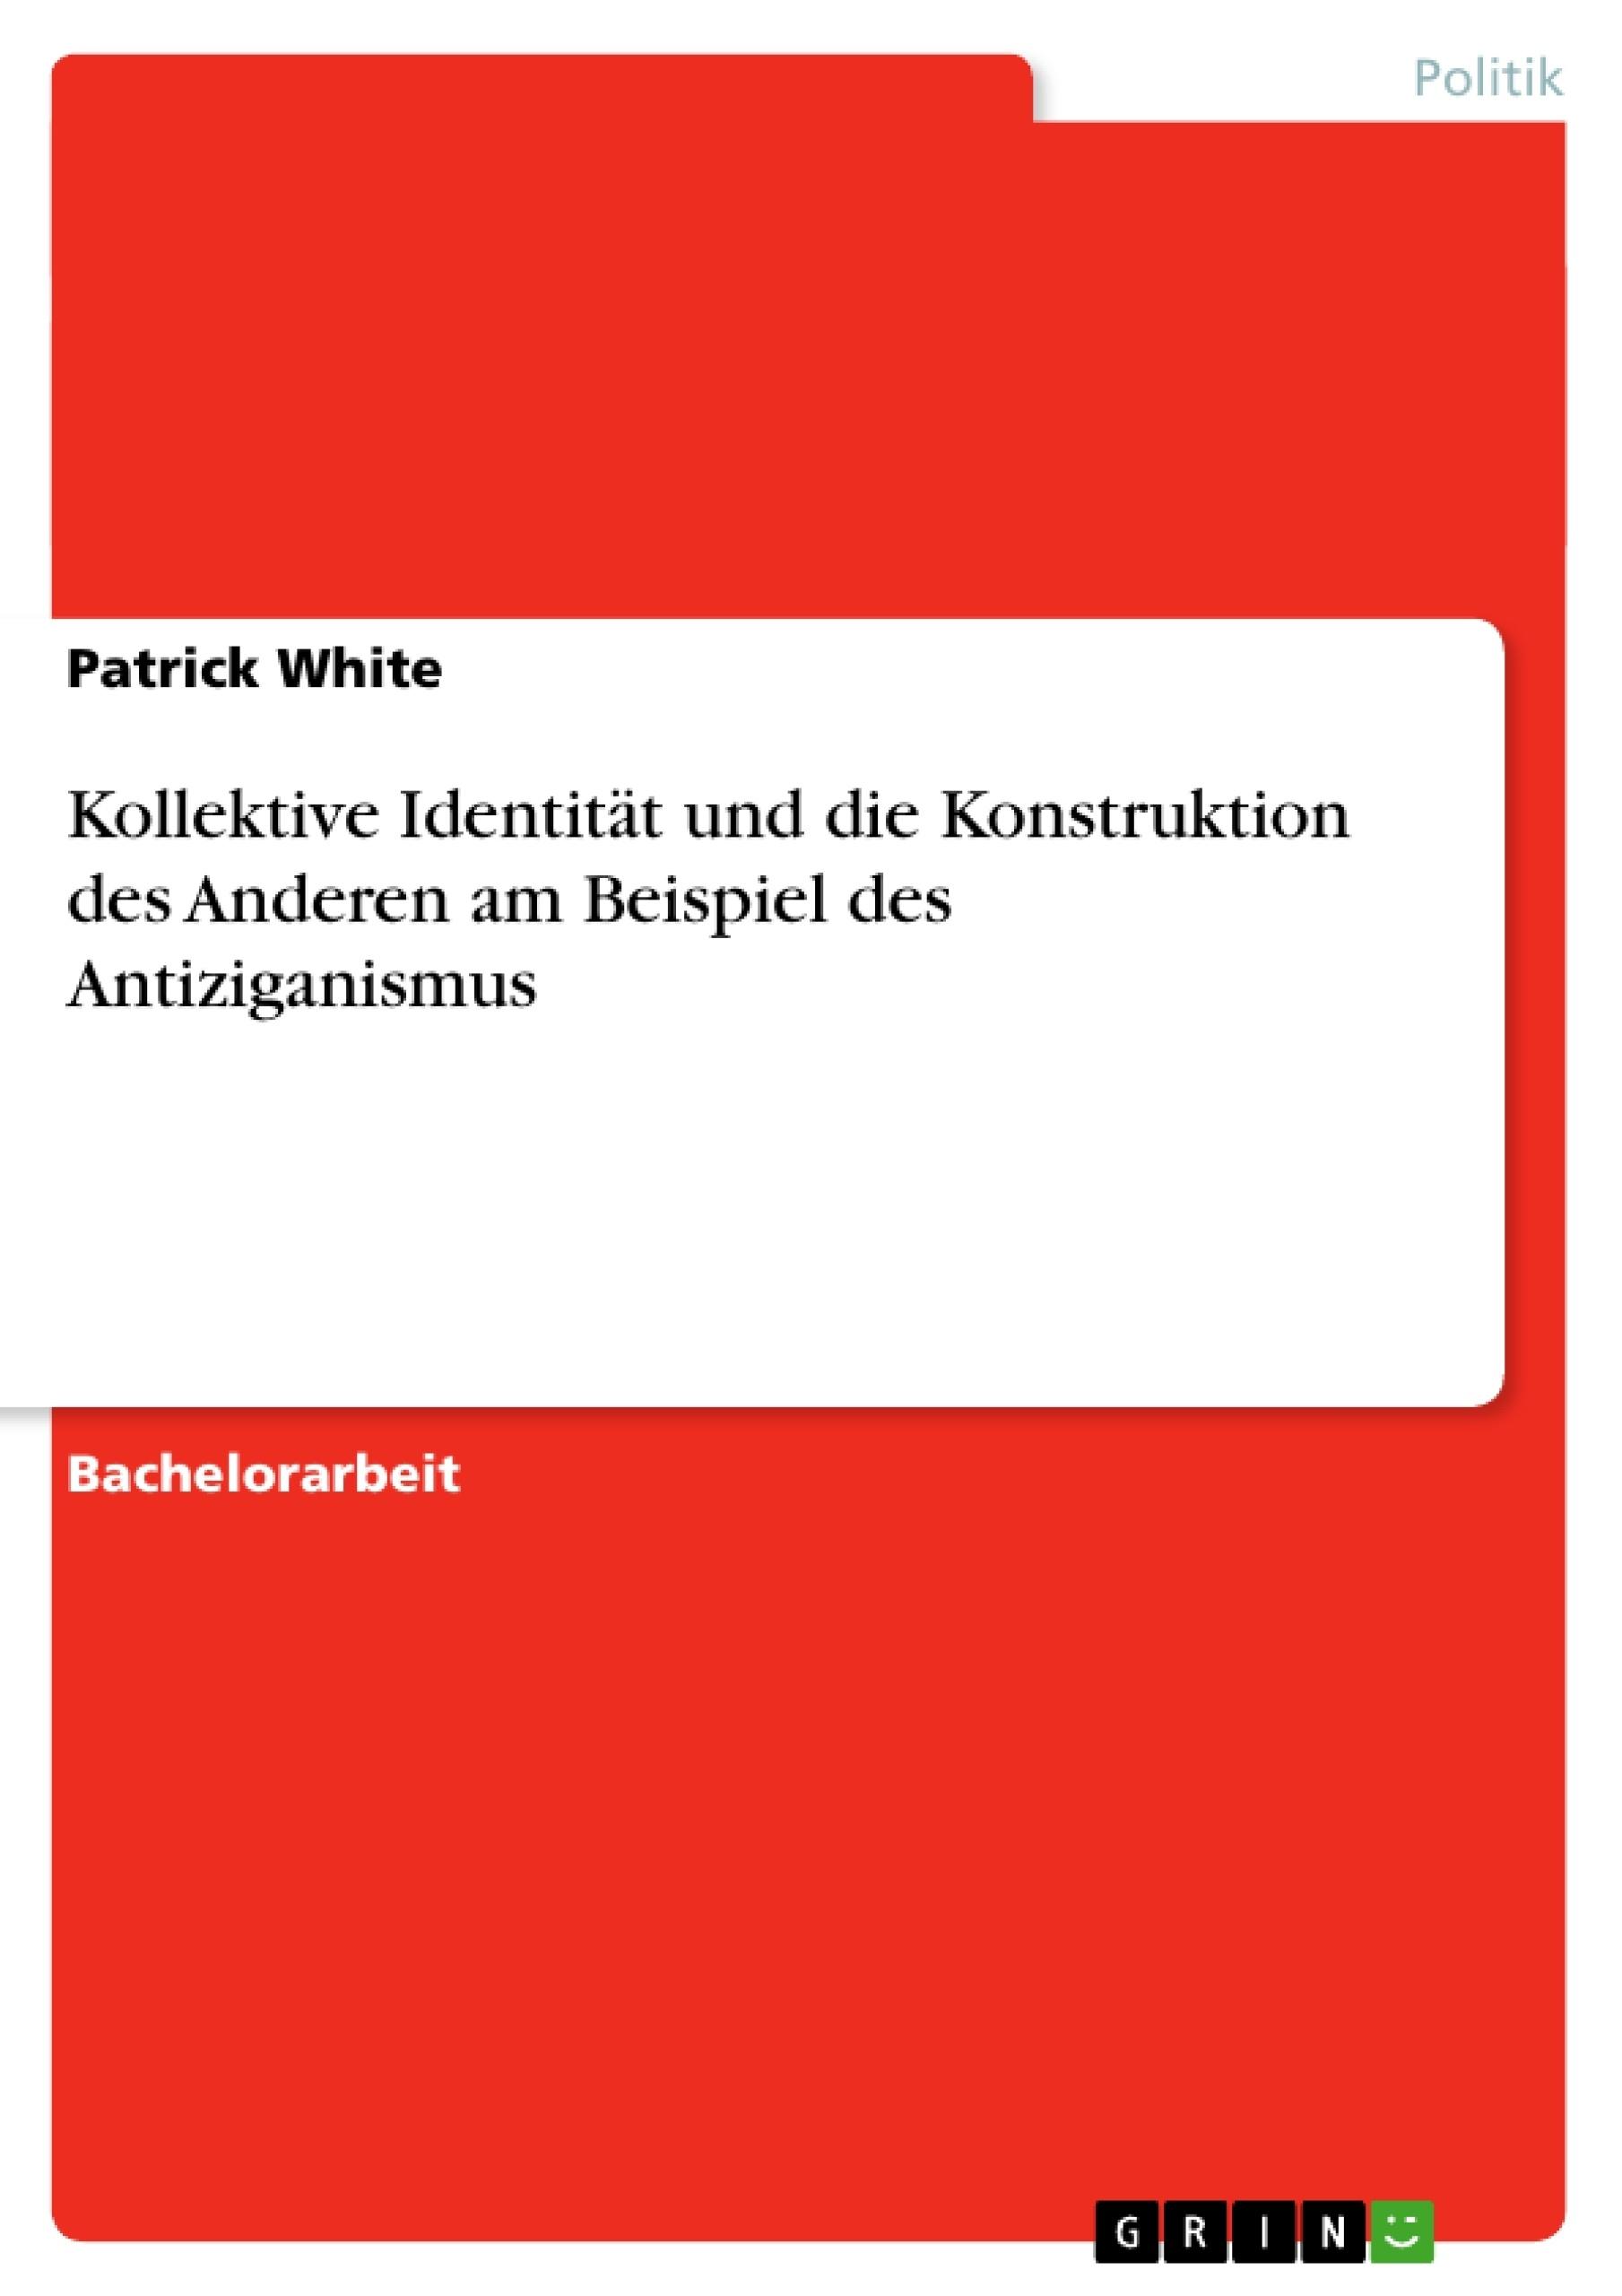 Titel: Kollektive Identität und die Konstruktion des Anderen am Beispiel des Antiziganismus